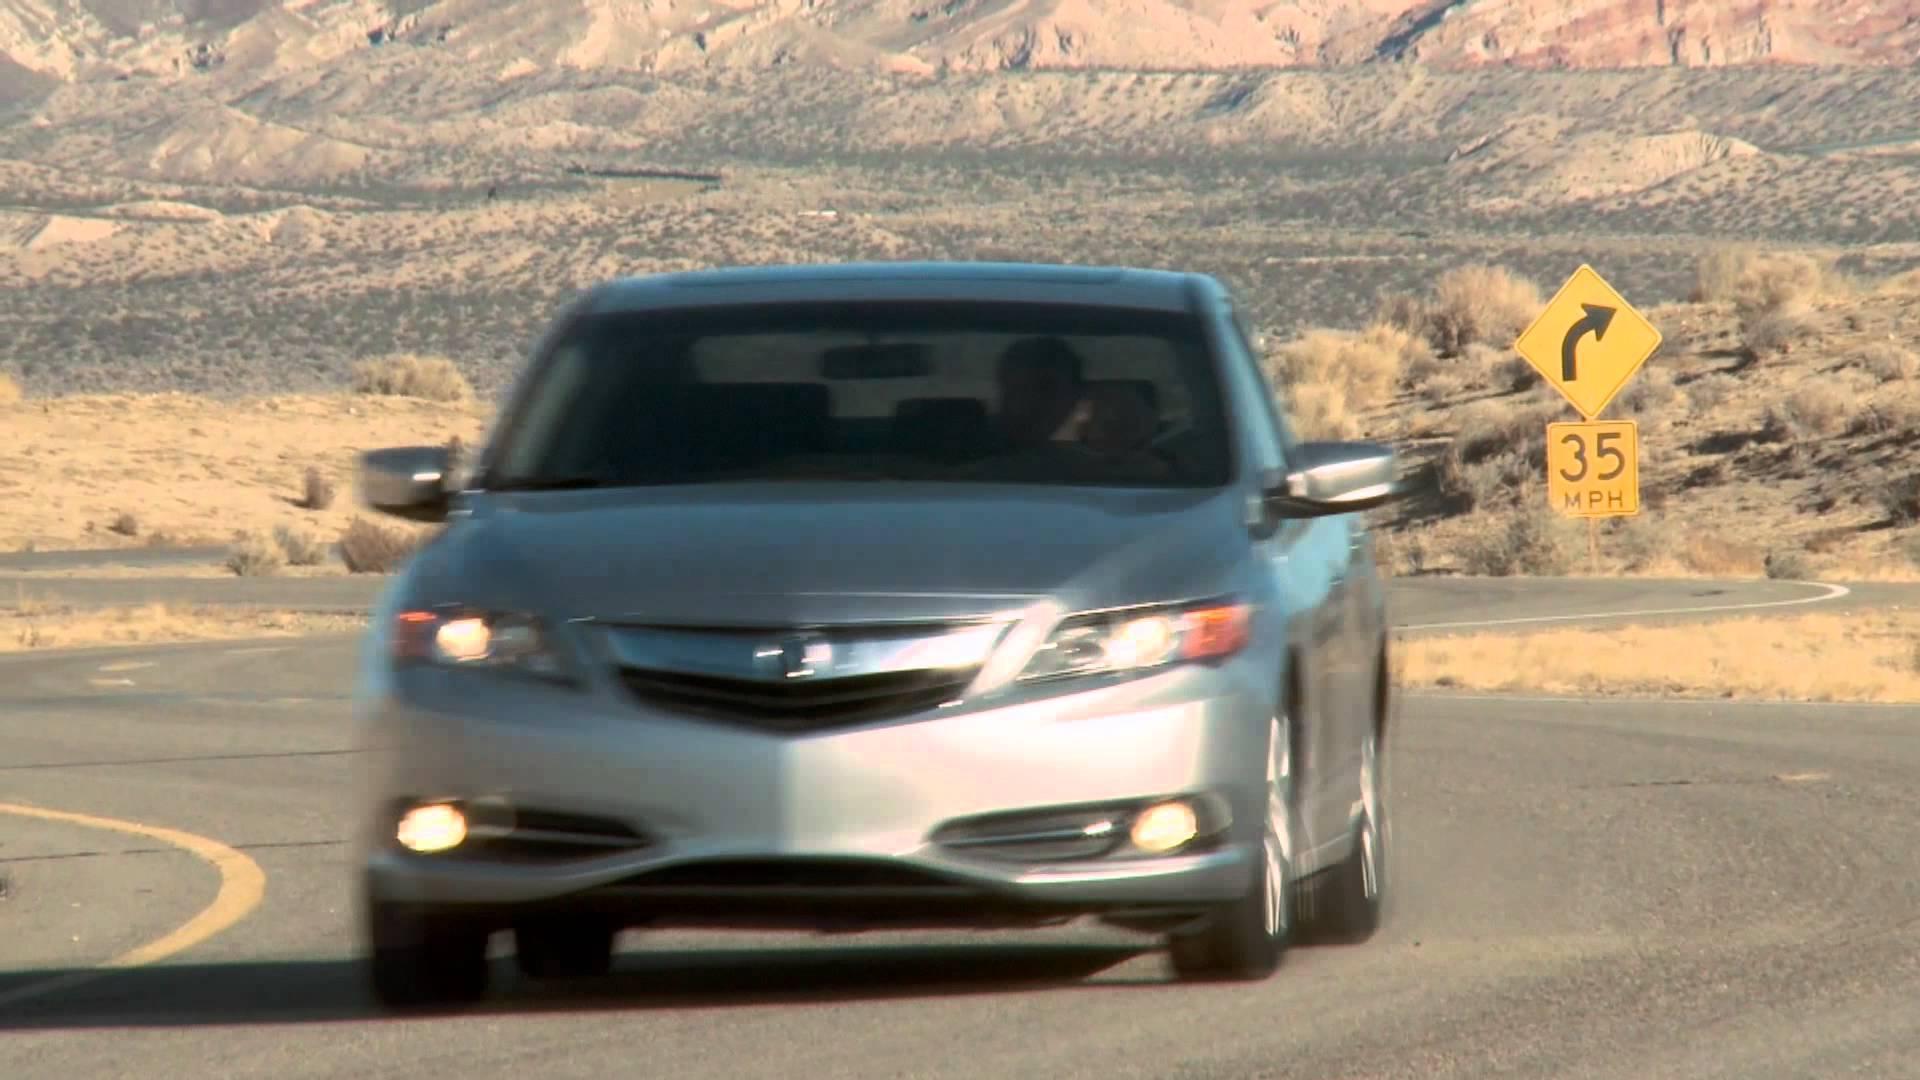 2012 Acura ILX and ILX Hybridnbsp